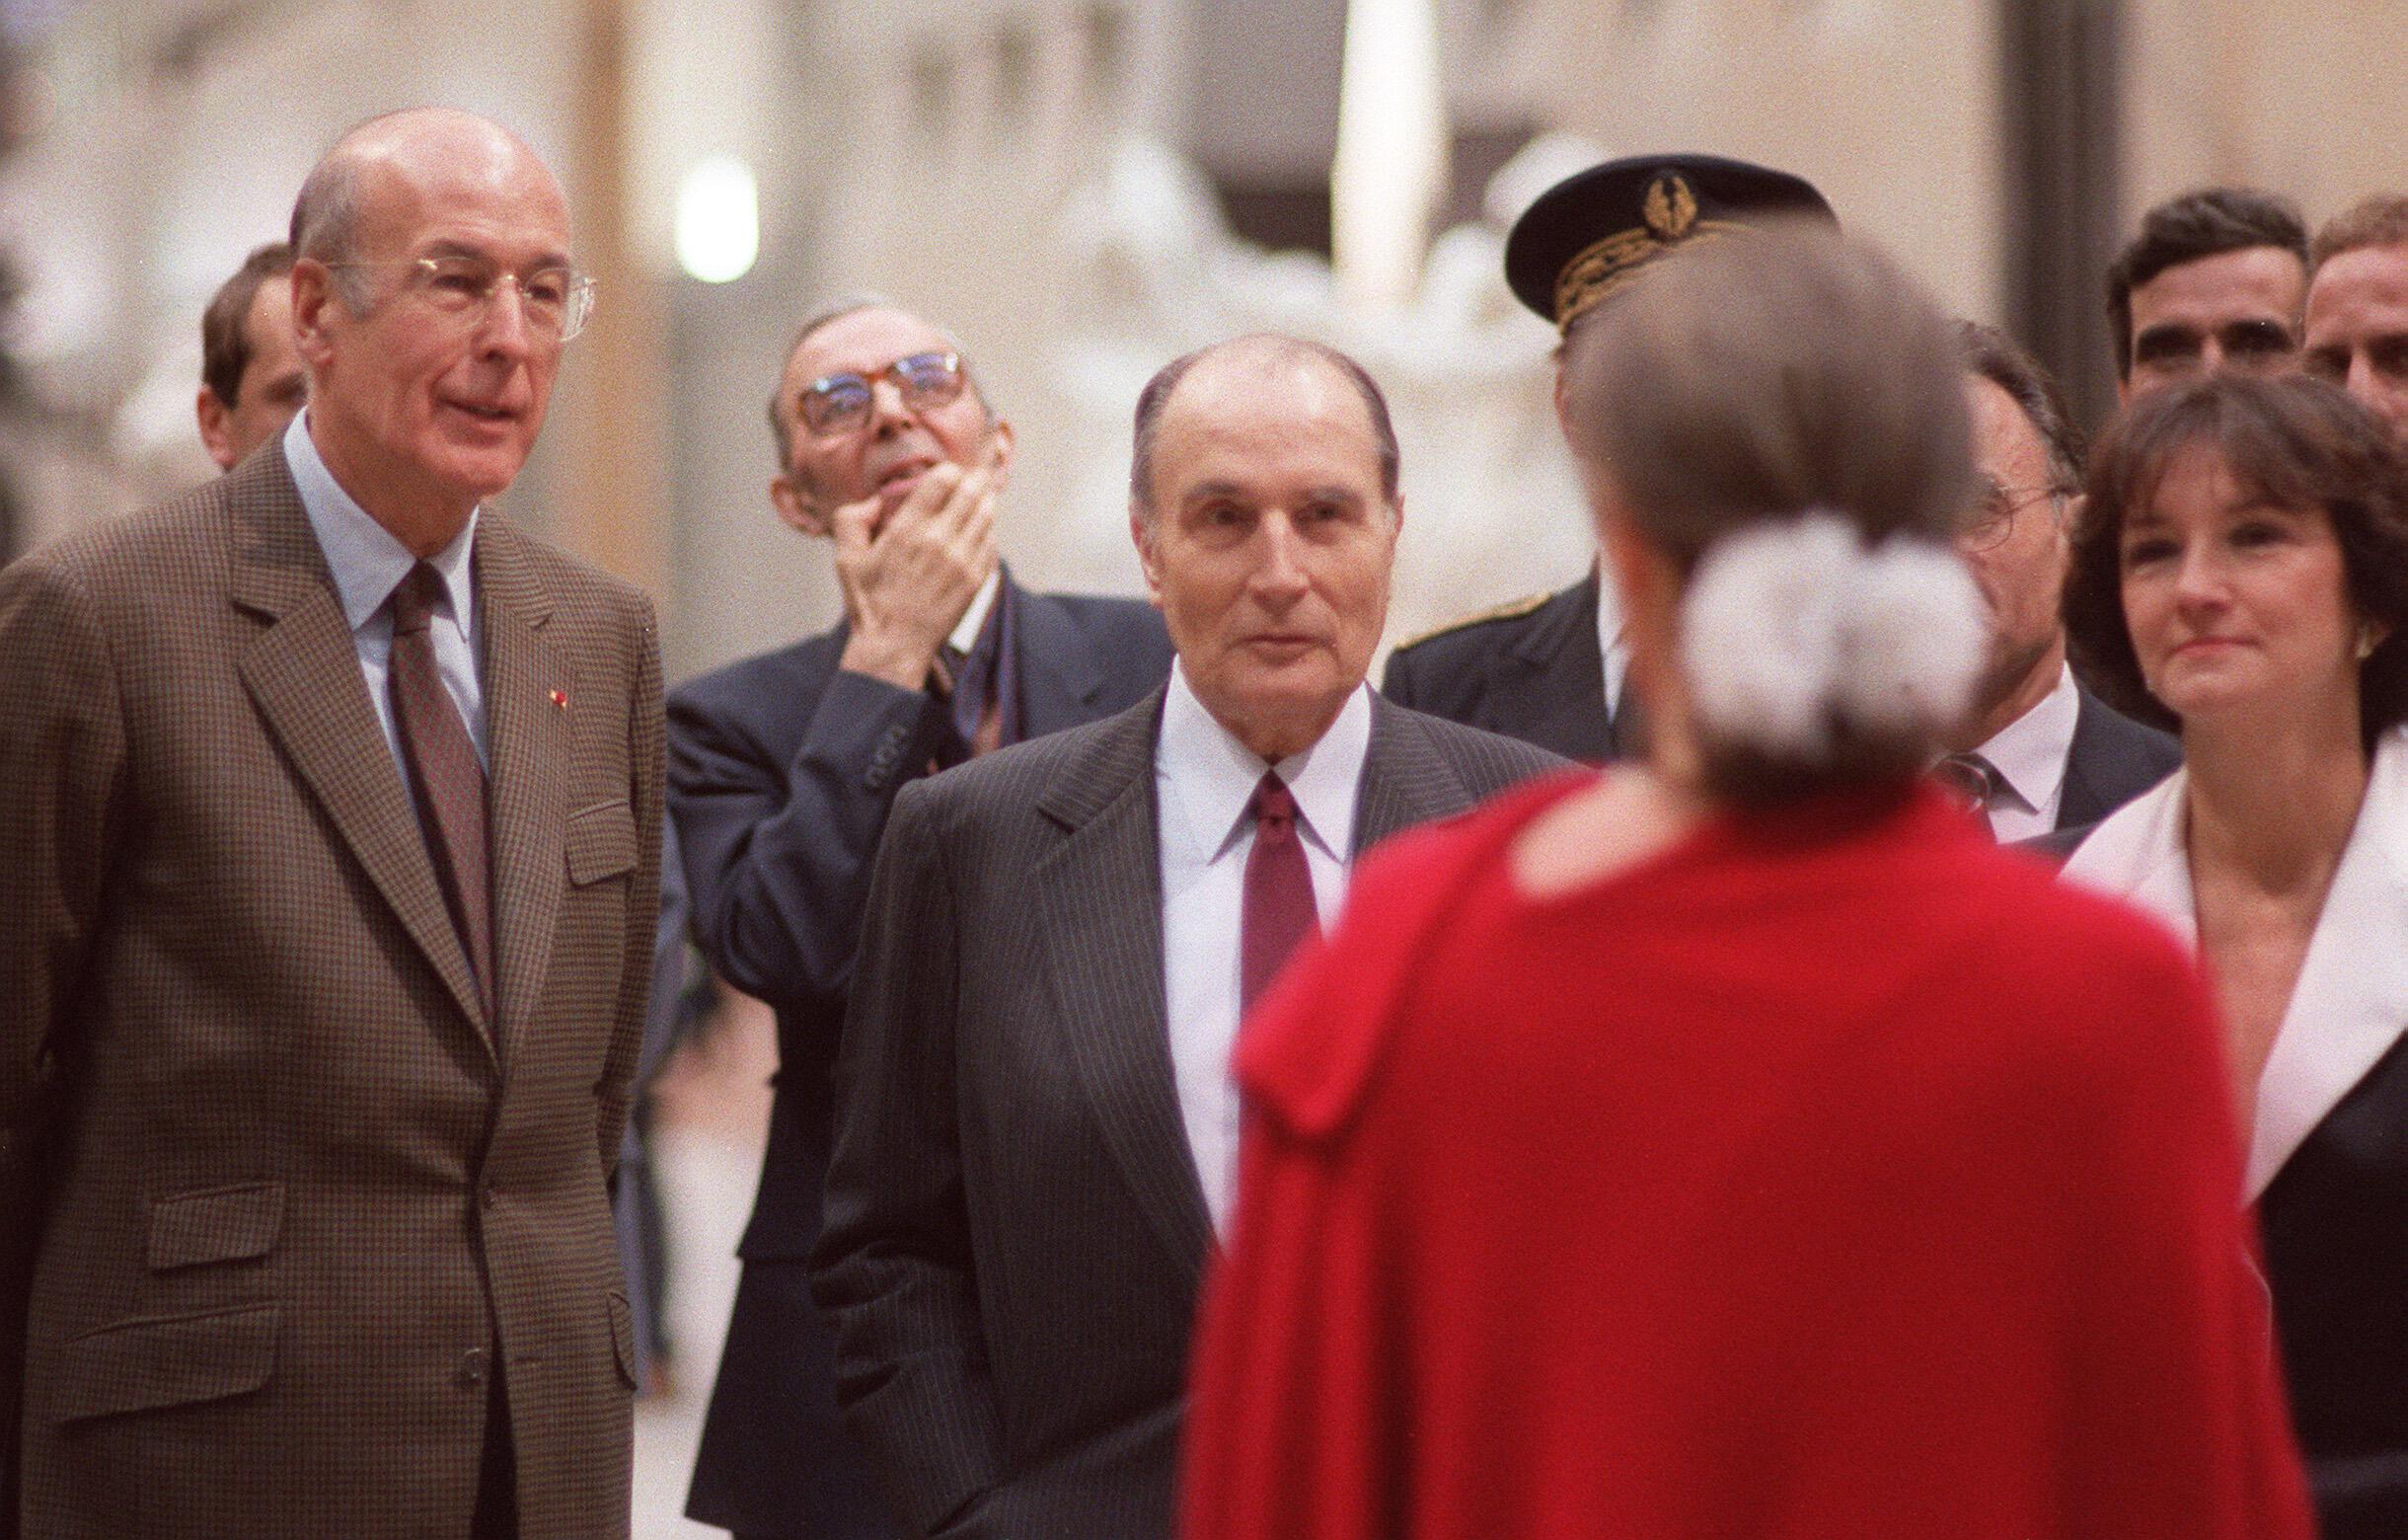 L'ancien président Valérie Giscard d'Estaing en décembre 1986 lors de l'inauguration du musée d'Orsay en présence du président François Mitterrand.   © DERRICK CEYRAC / AFP